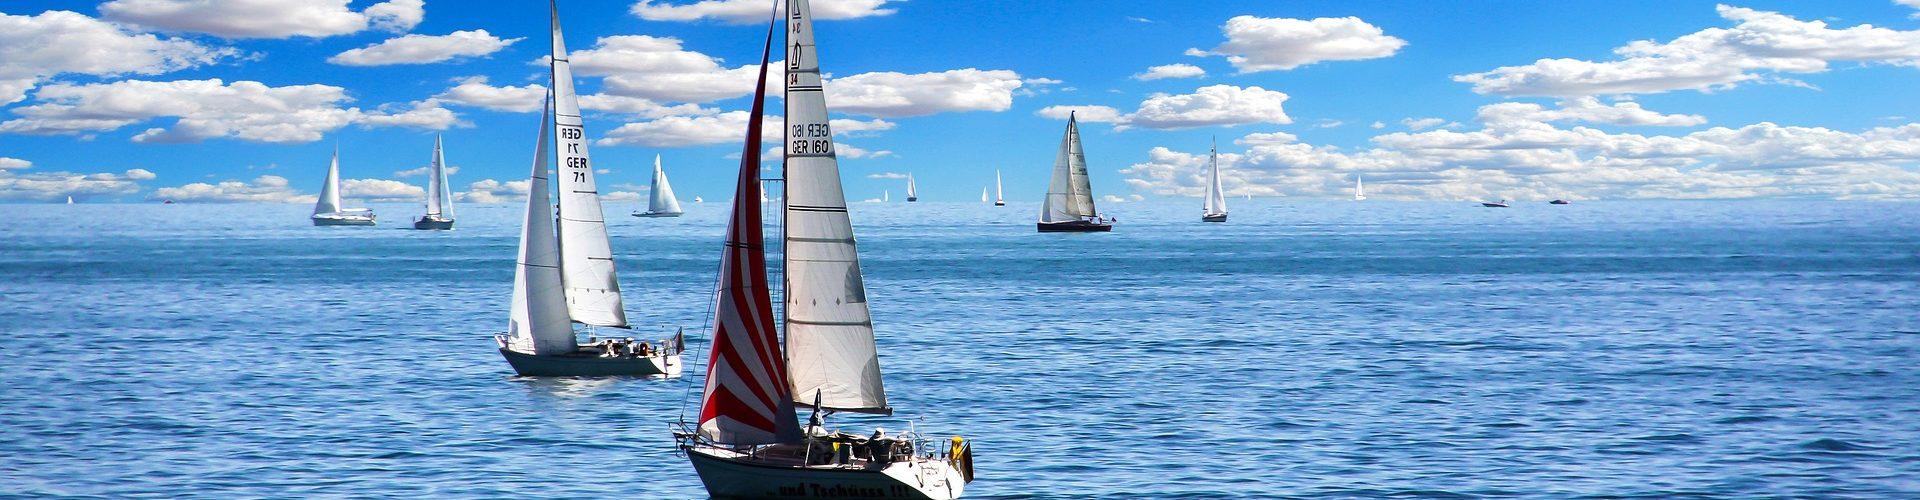 segeln lernen in Dorum segelschein machen in Dorum 1920x500 - Segeln lernen in Dorum